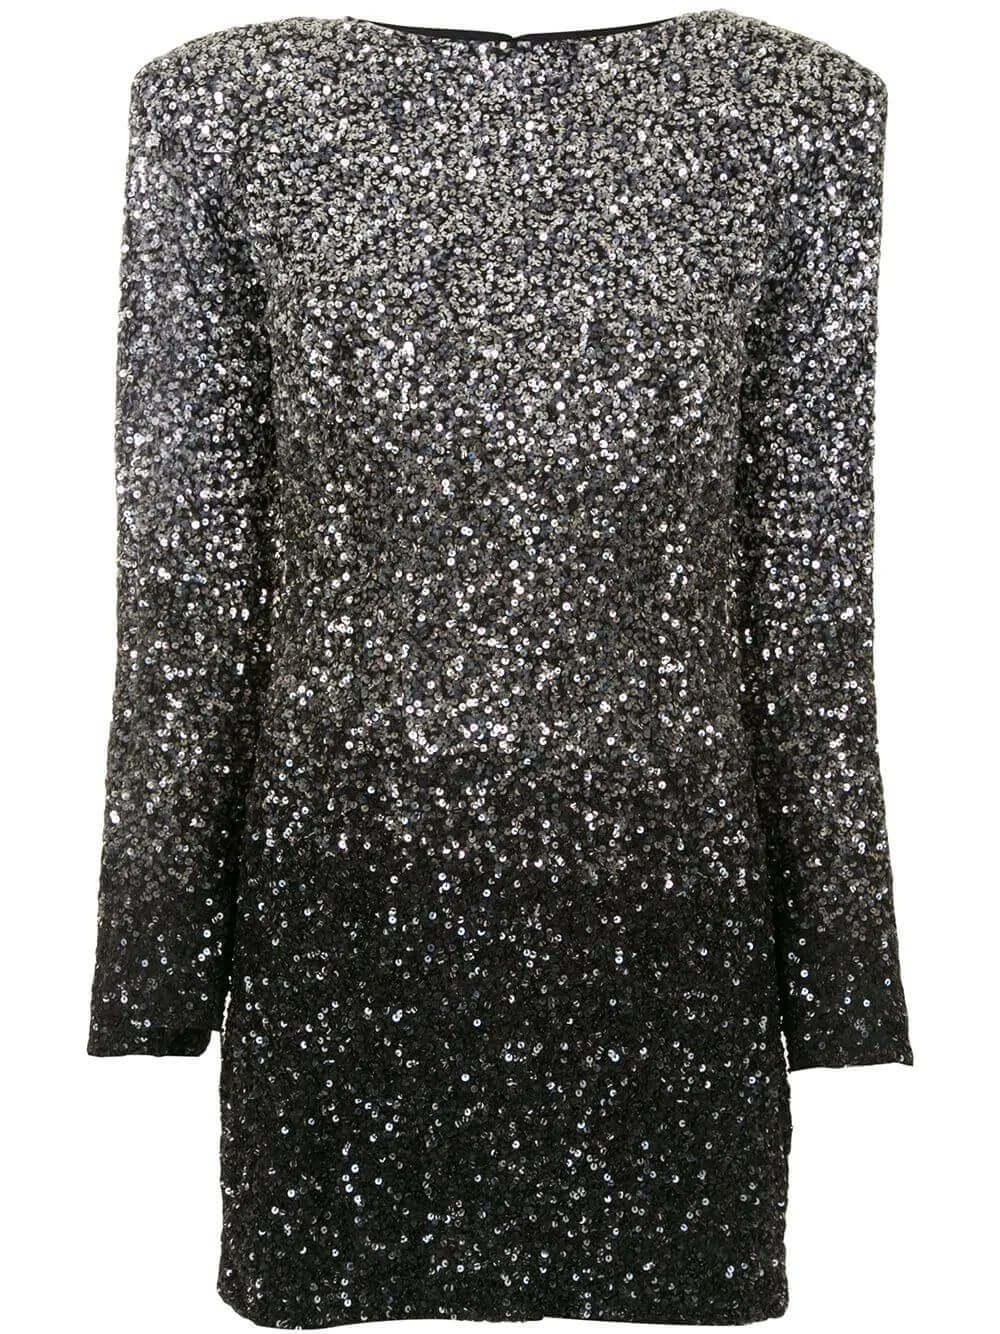 Nikki Ombre Sequin Dress Item # FW20-3114